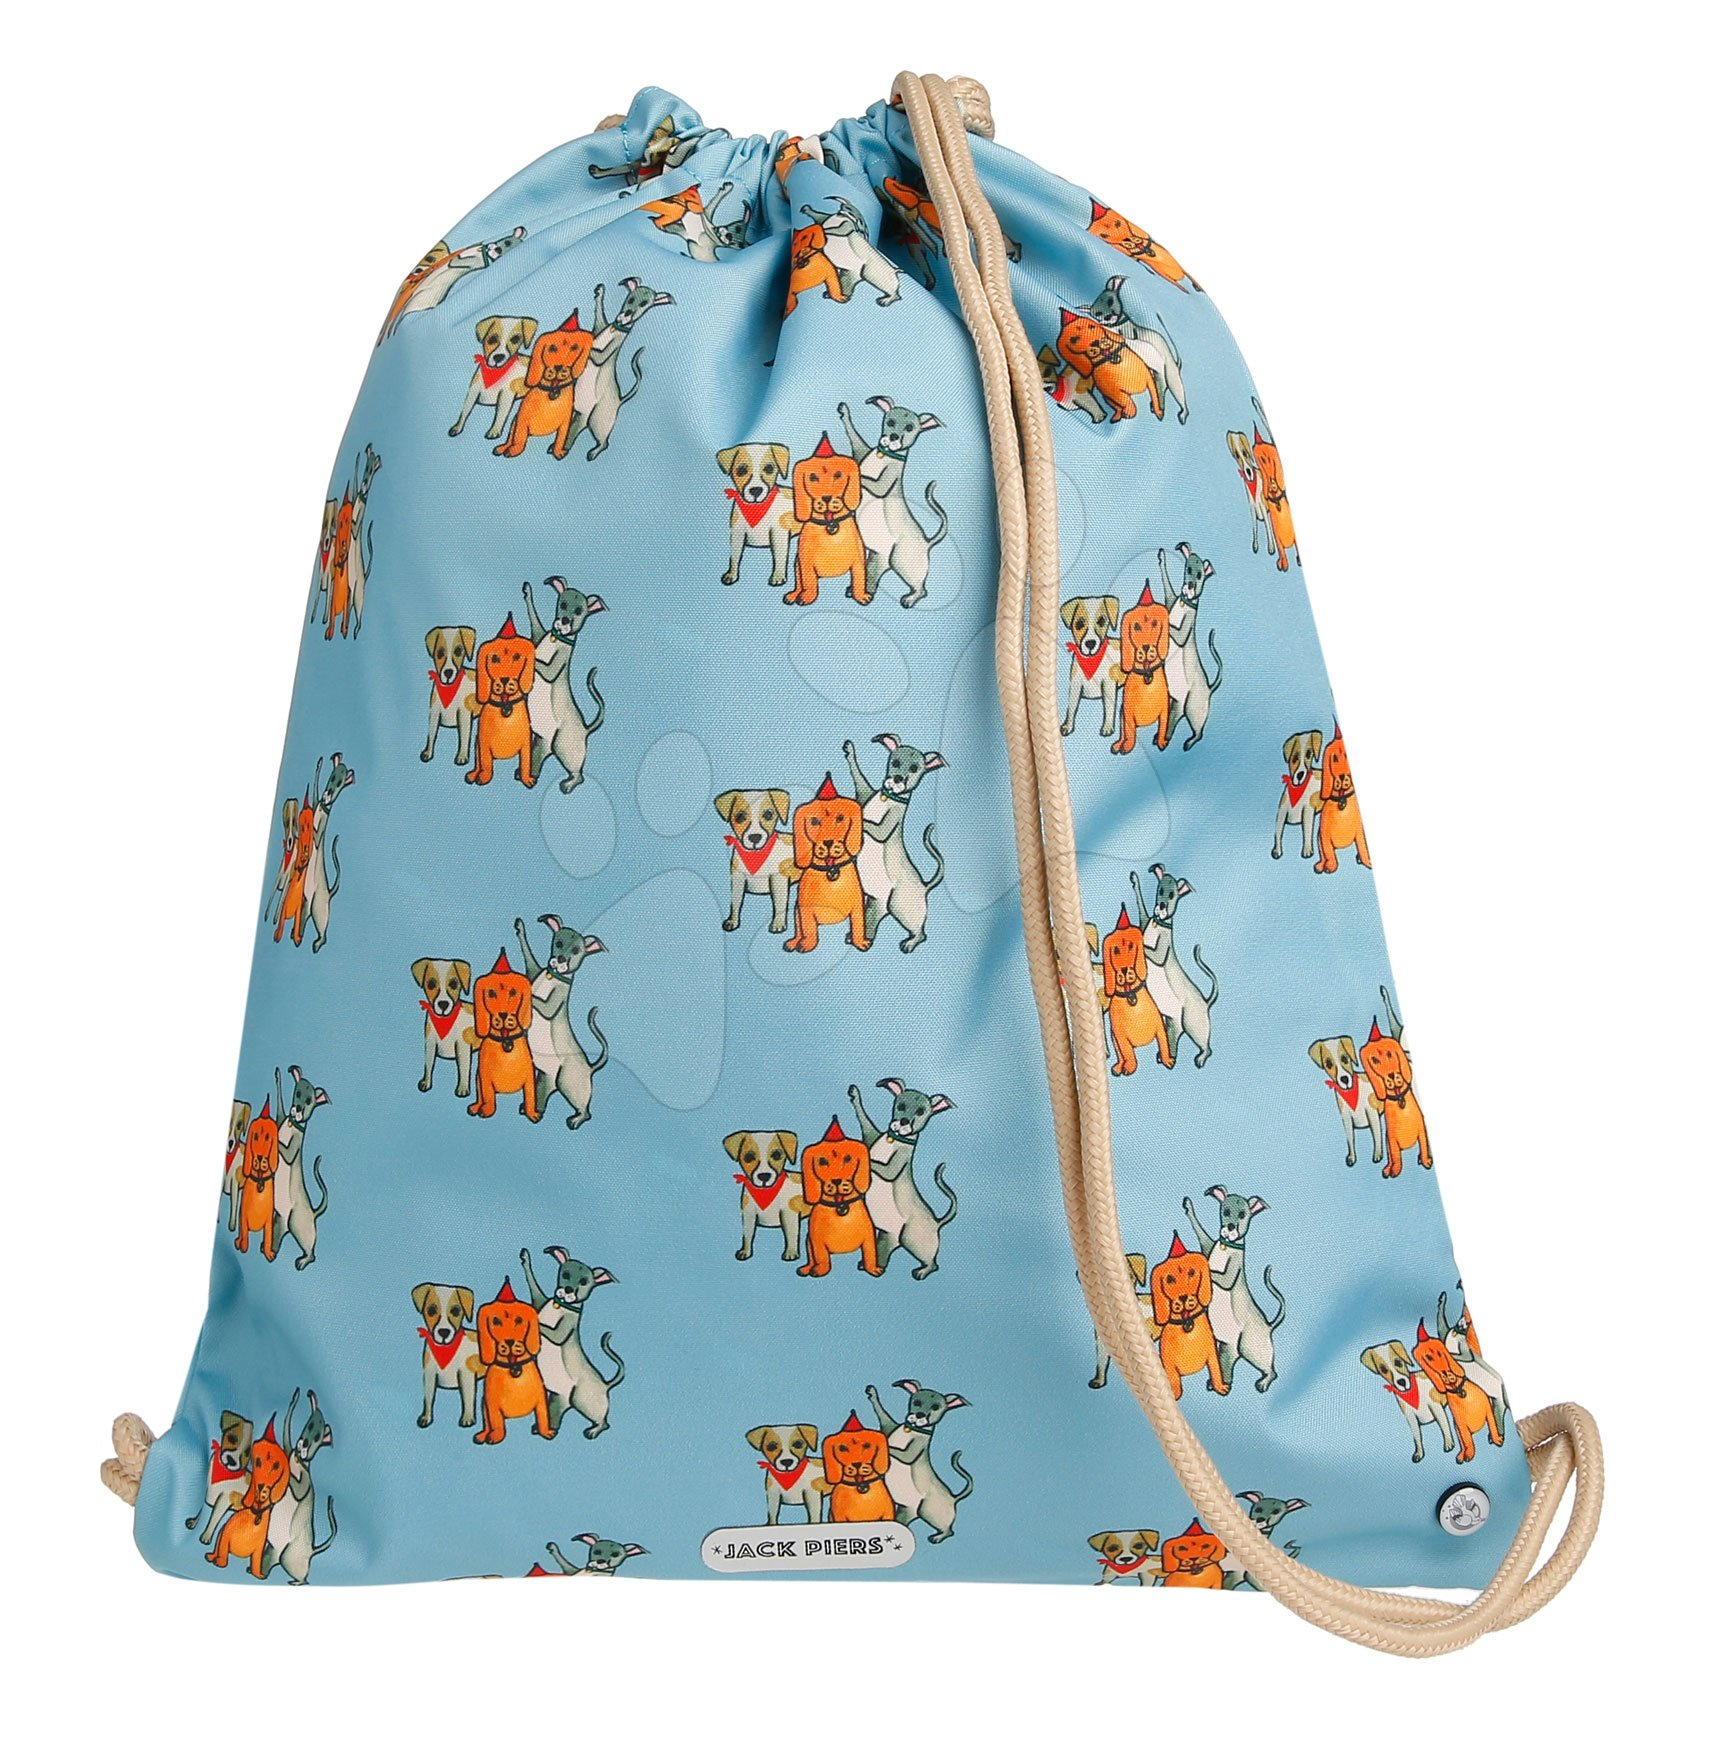 Školský vak na telocvik a prezúvky Gym Bag Party Dogs Jack Piers ergonomický luxusné prevedenie od 2 rokov 36*44*10 cm